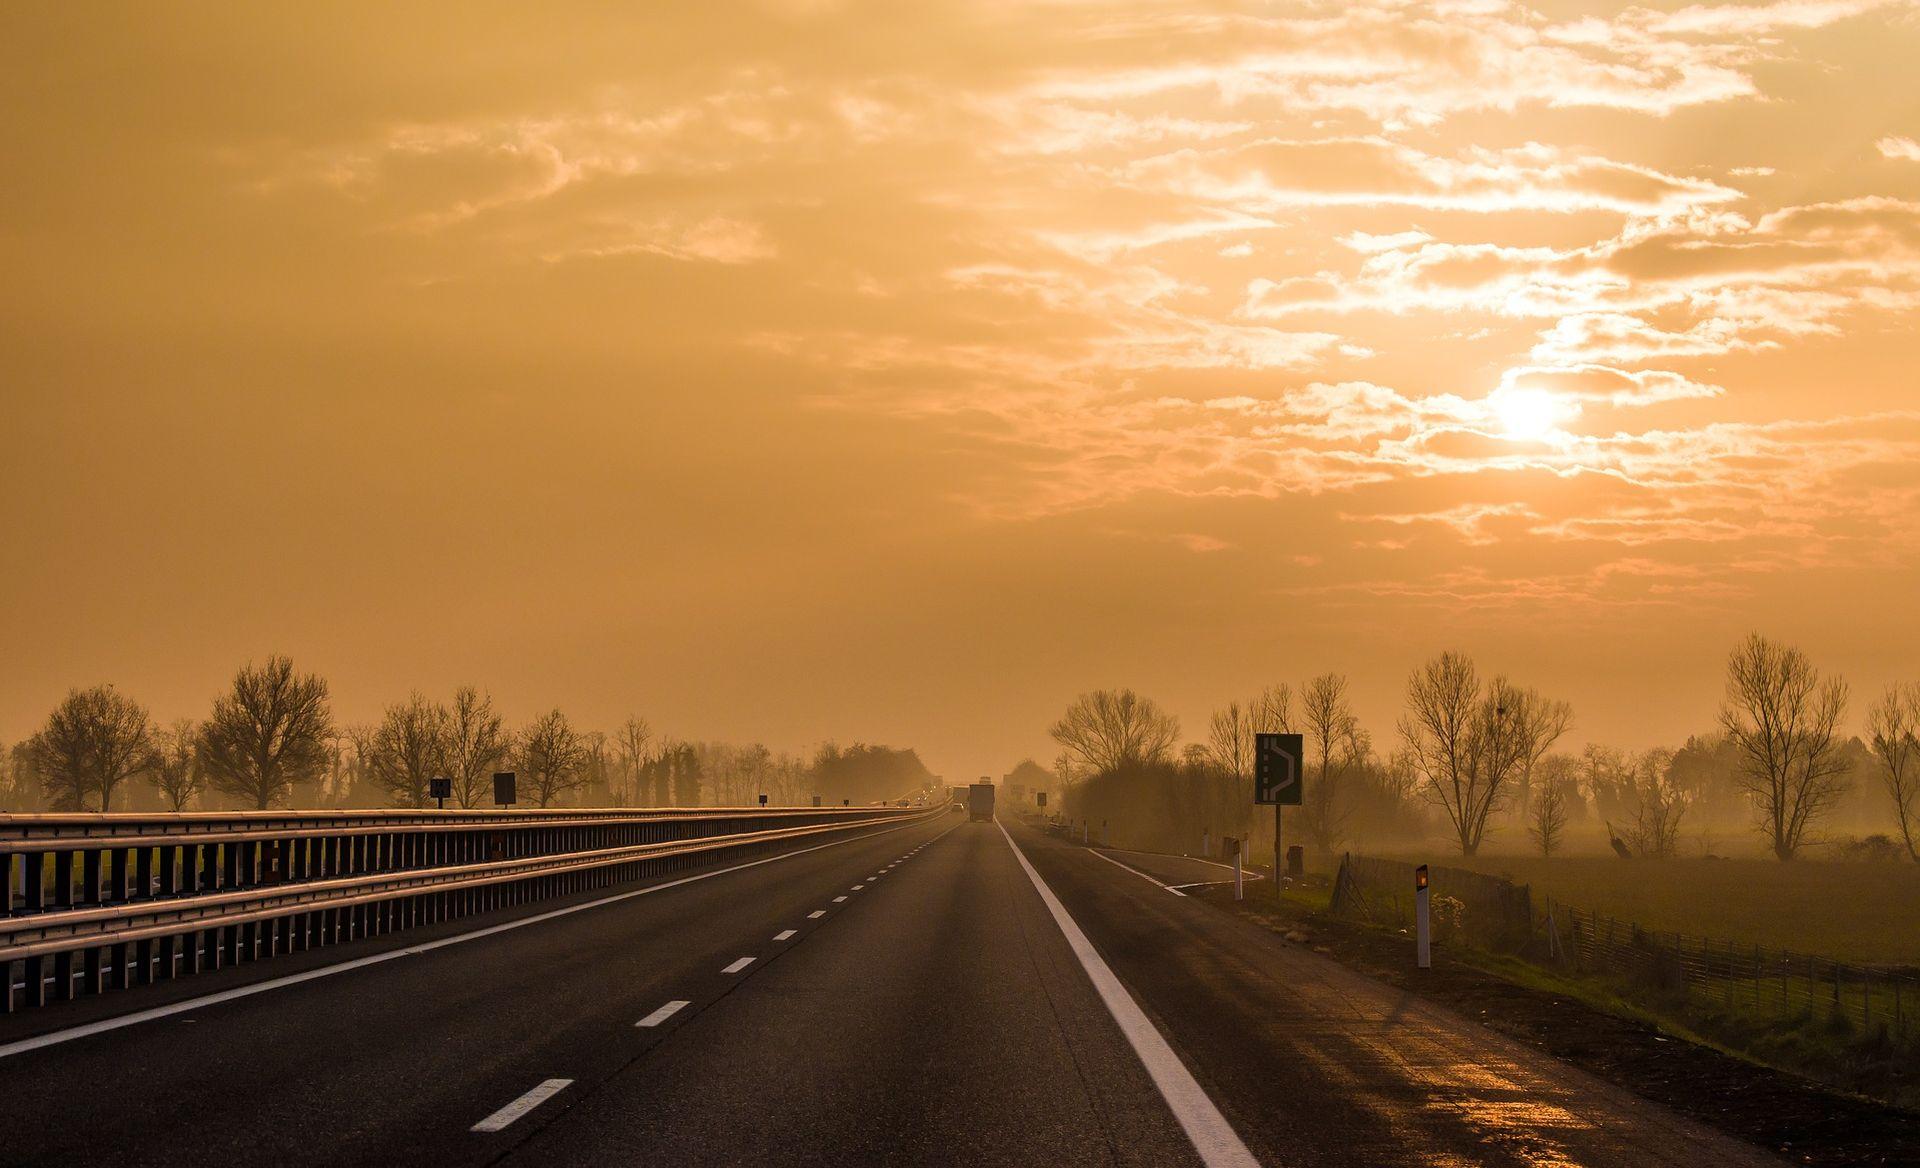 Italija otvara južnu autocestu, 54 godine nakon početka gradnje